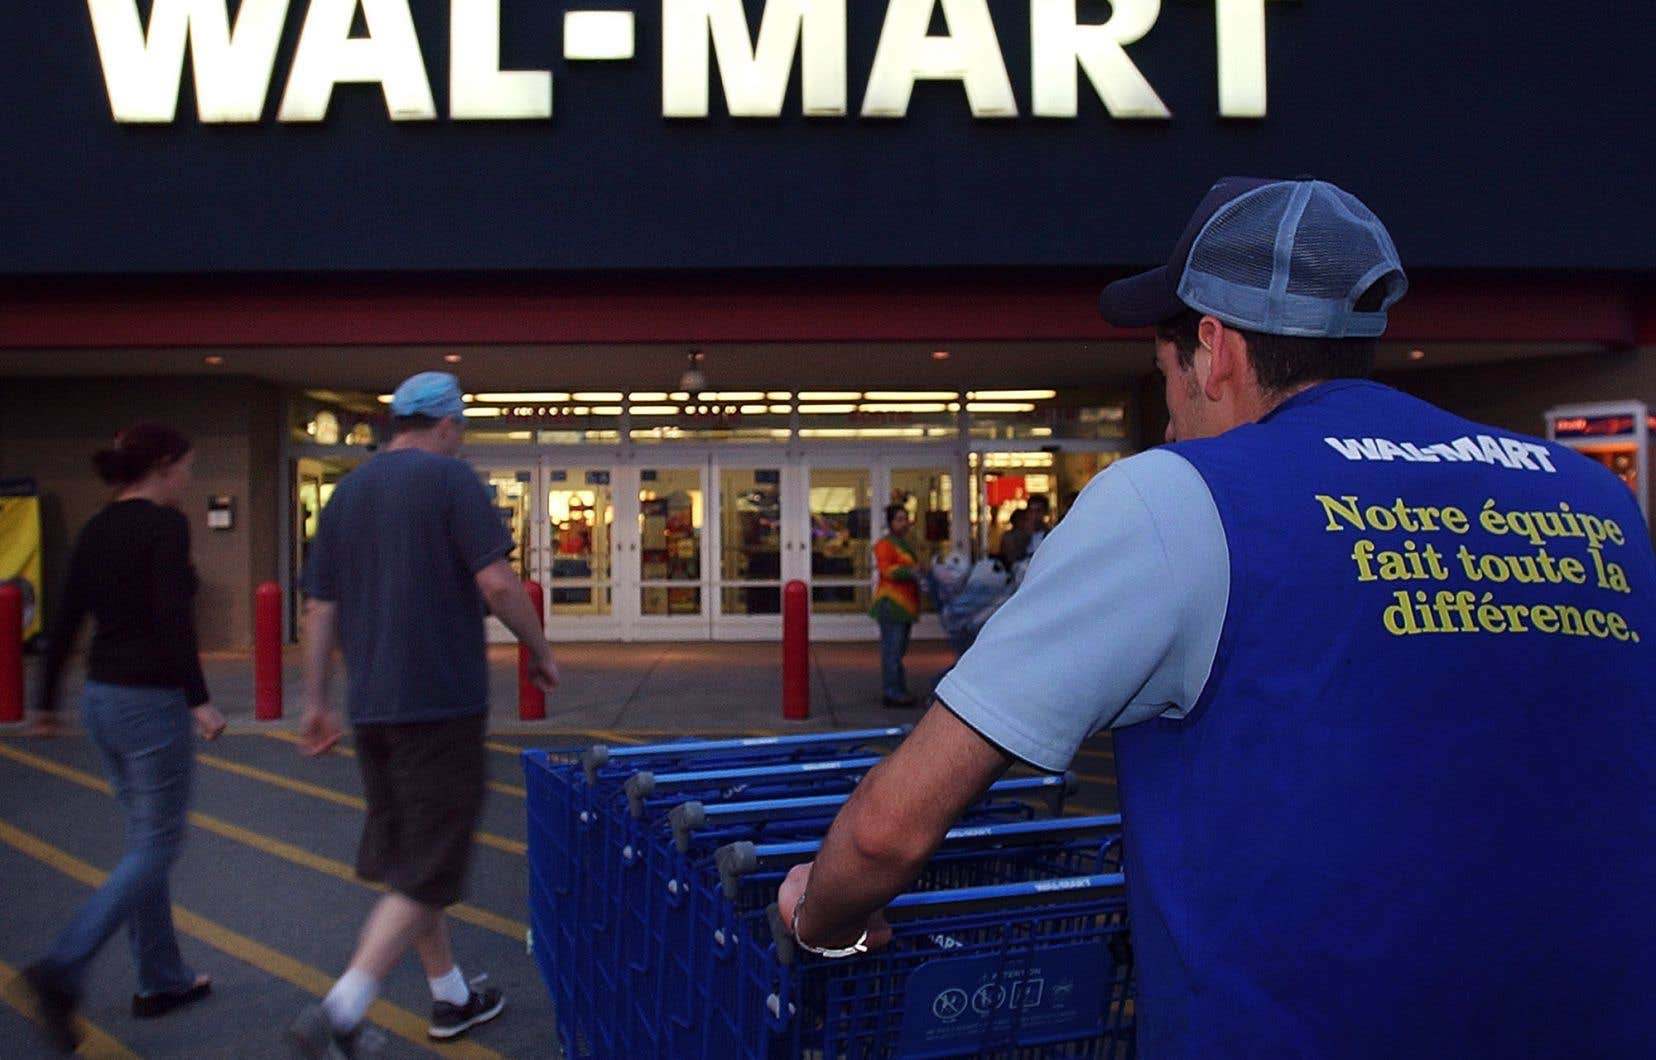 Avant d'appeler au boycottage de Walmart, il faudrait appeler au boycottage de toutes les entreprises qui n'ont jamais rien essayé en matière d'intégration au travail de personnes handicapées intellectuelles, croit l'auteur.